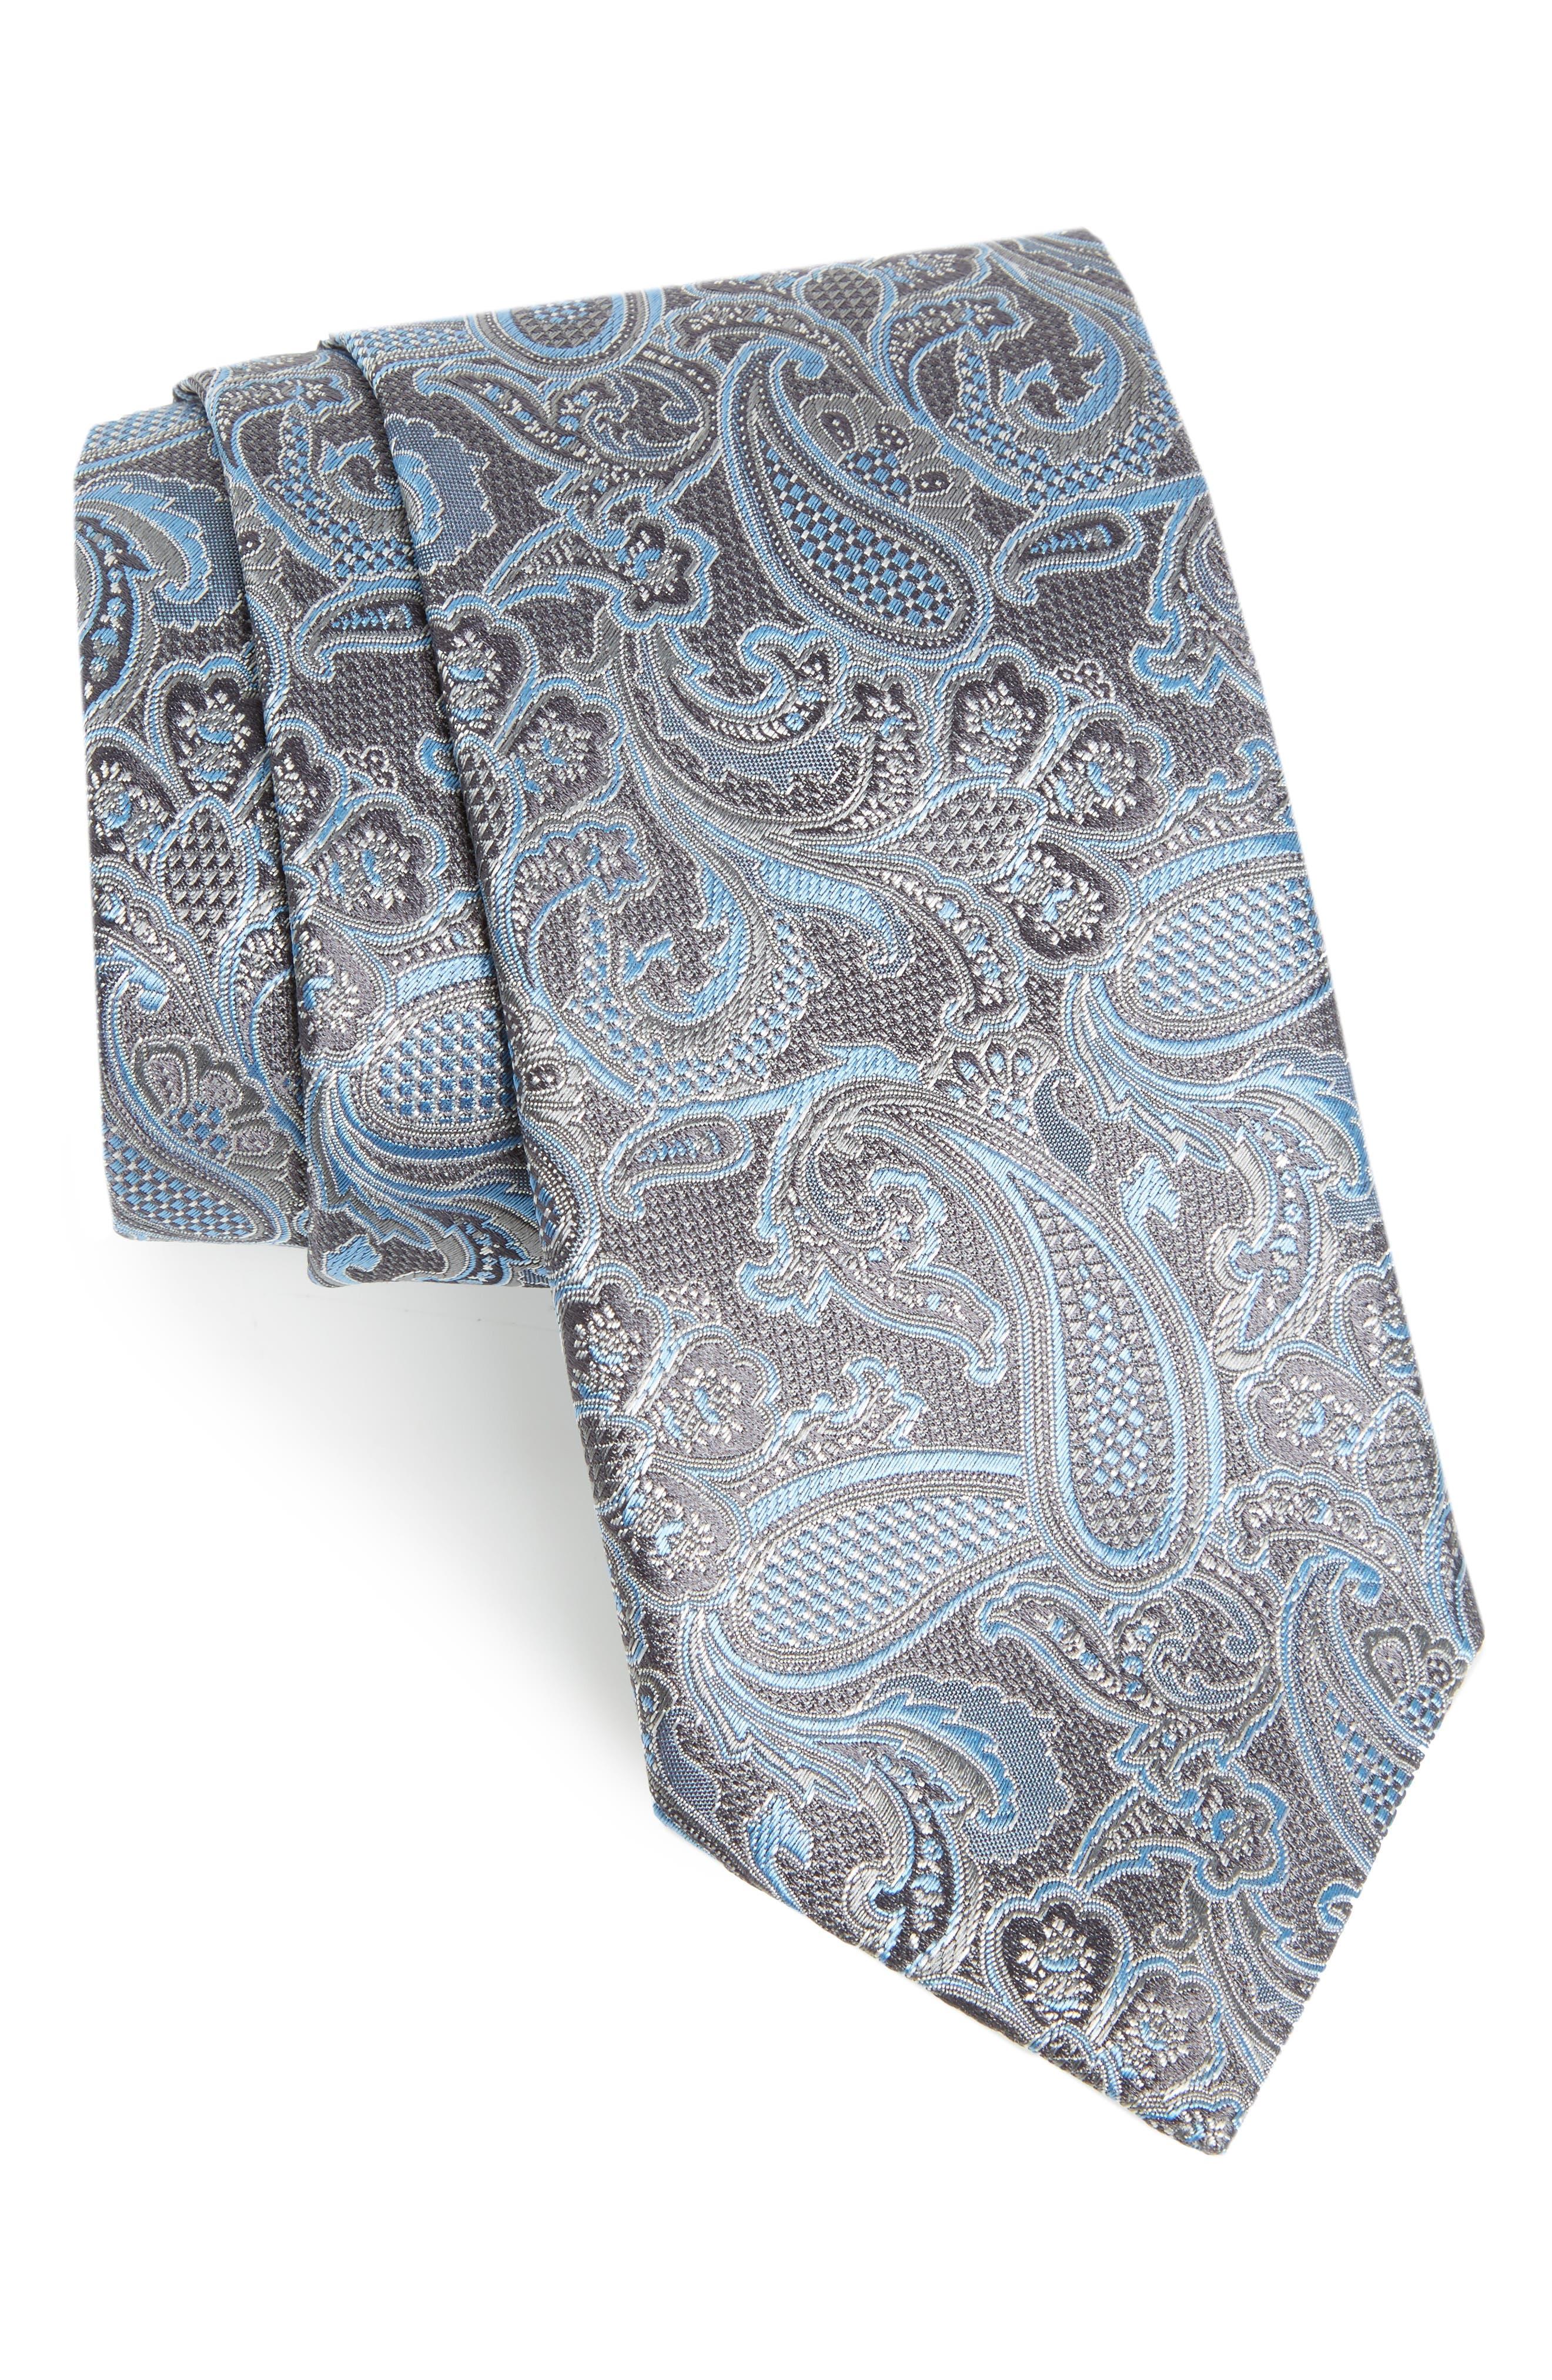 CANALI Paisley Silk Tie, Main, color, 030